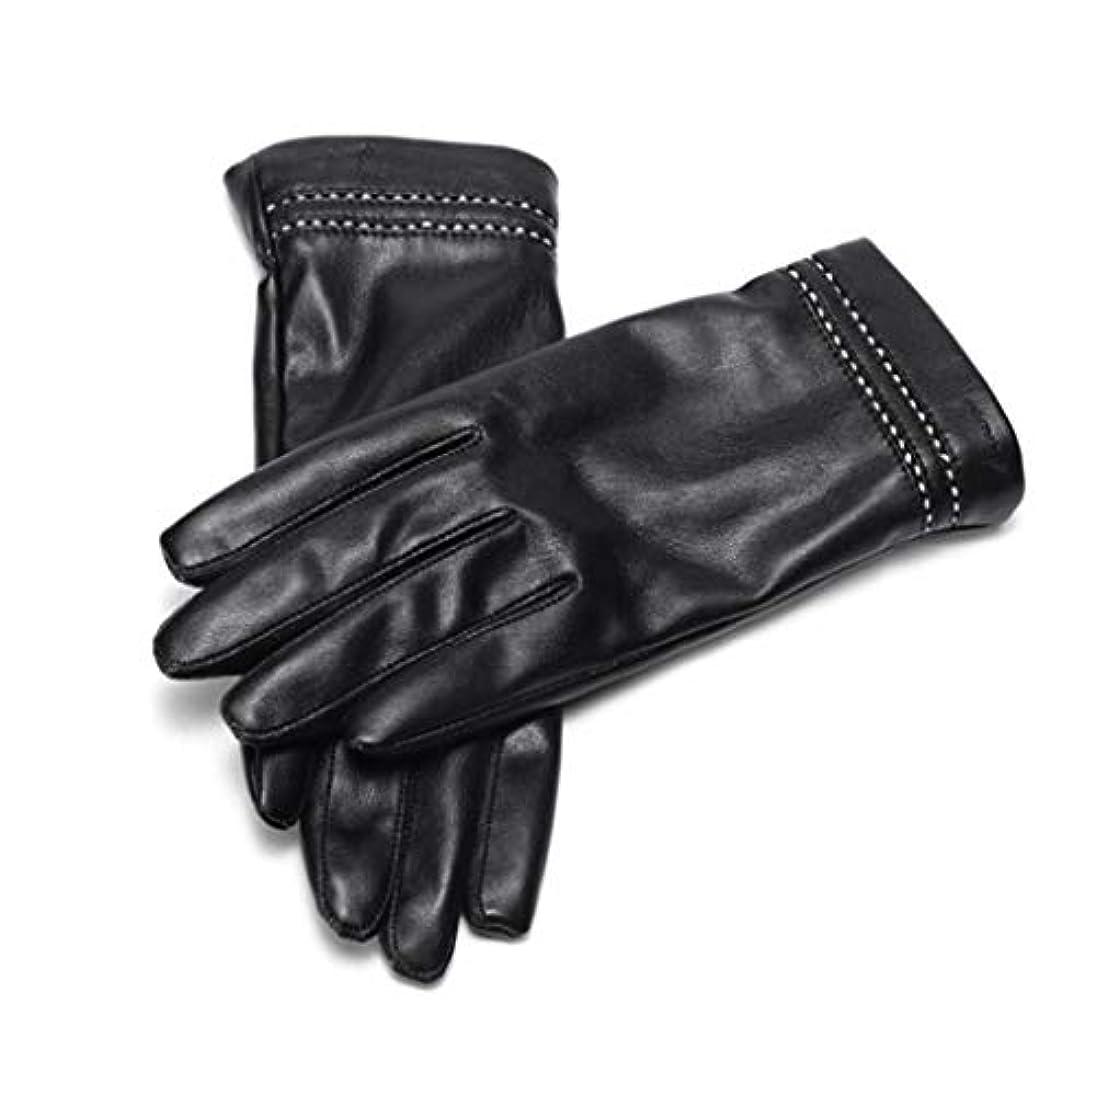 限られたノミネート工業化する女性の革手袋秋と冬のファッションプラスベルベット暖かい滑り止めのタッチスクリーン革手袋の女性671141003黒